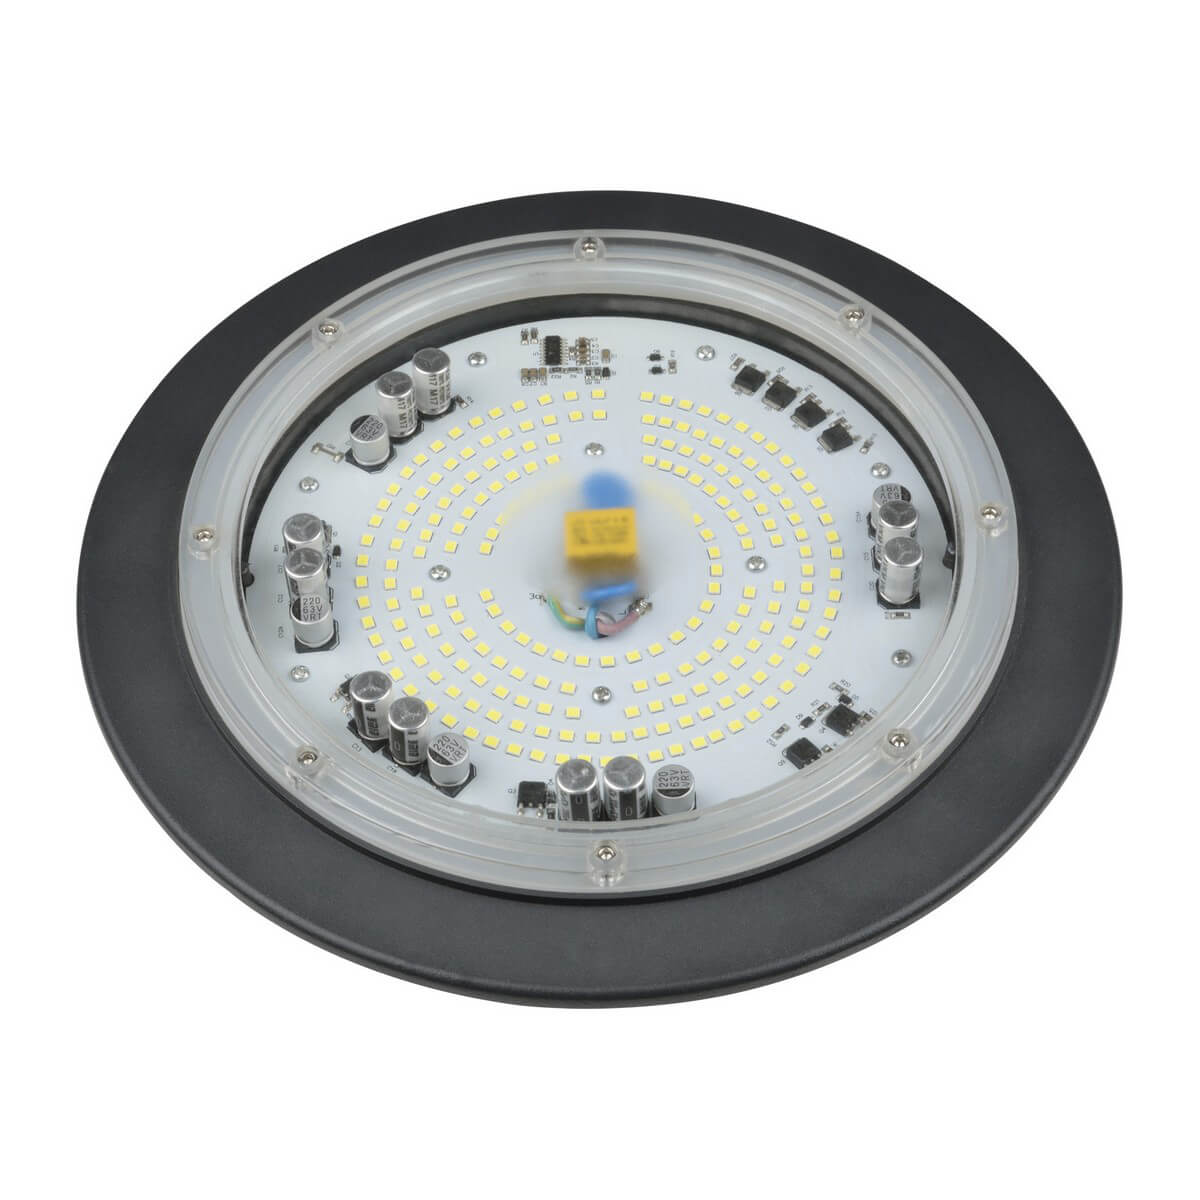 Подвесной светодиодный светильник (UL-00003772) Uniel ULY-U41C-100W/DW IP65 Grey подвесной светодиодный светильник ul 00002057 uniel uly u30b 100w dw ip65 silver